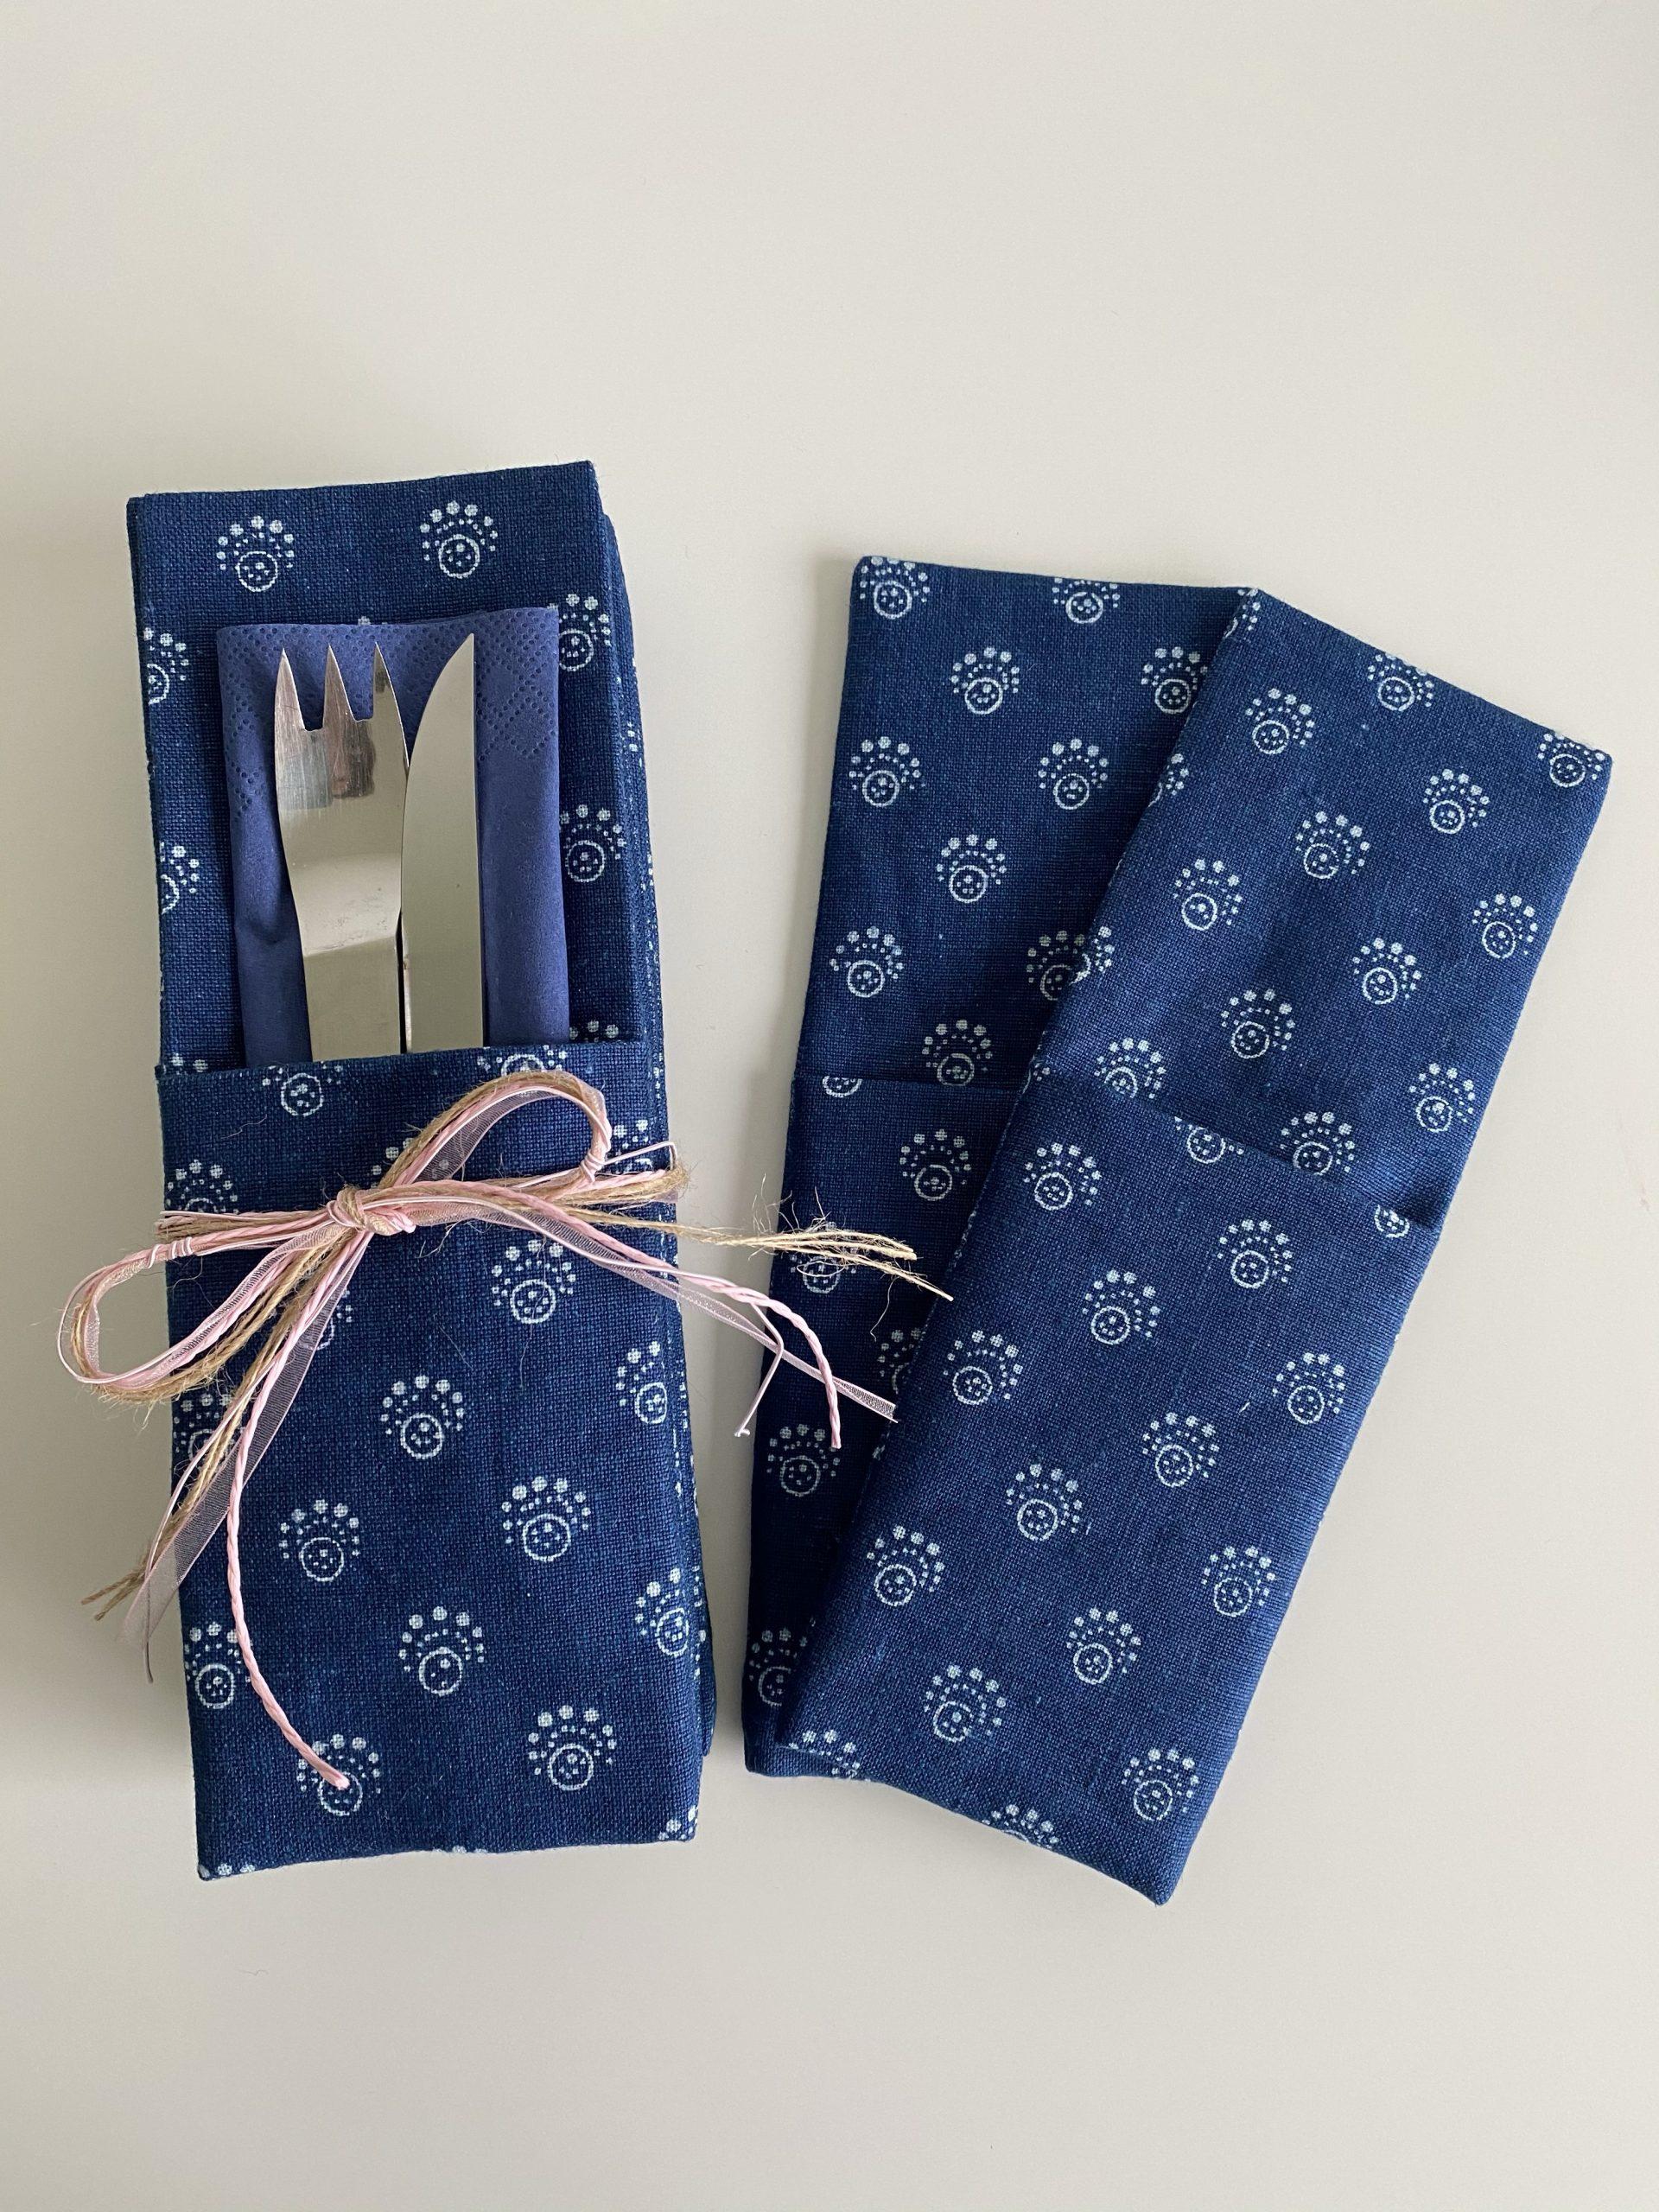 Selbstgenähte Bestecktaschen aus Leinen mit Hand-Blaudruck aus dem Mühlviertel